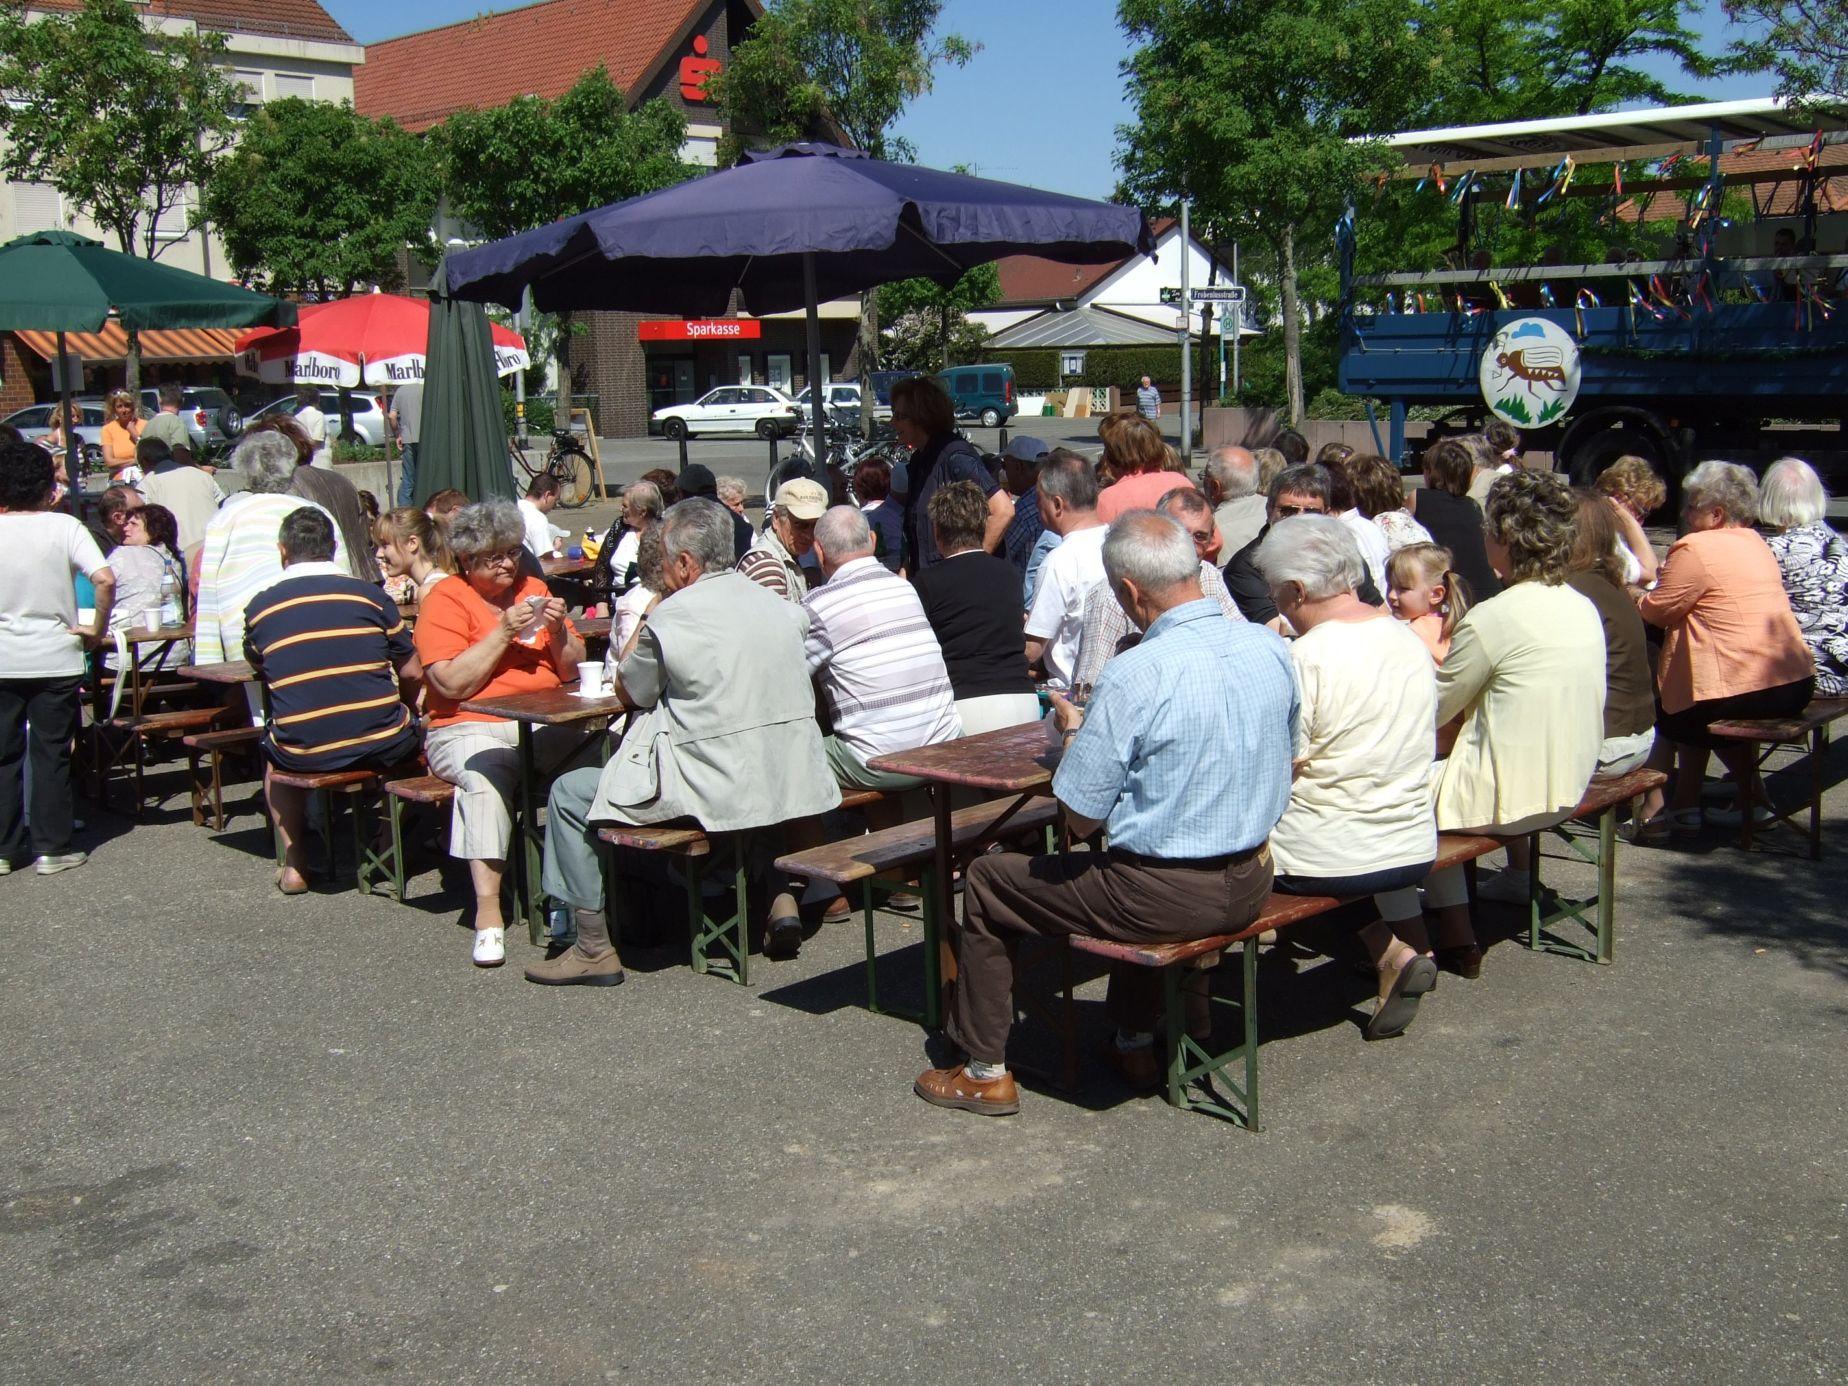 Fotos vom Platzkonzert am Marktplatz Rheinau-Süd_06